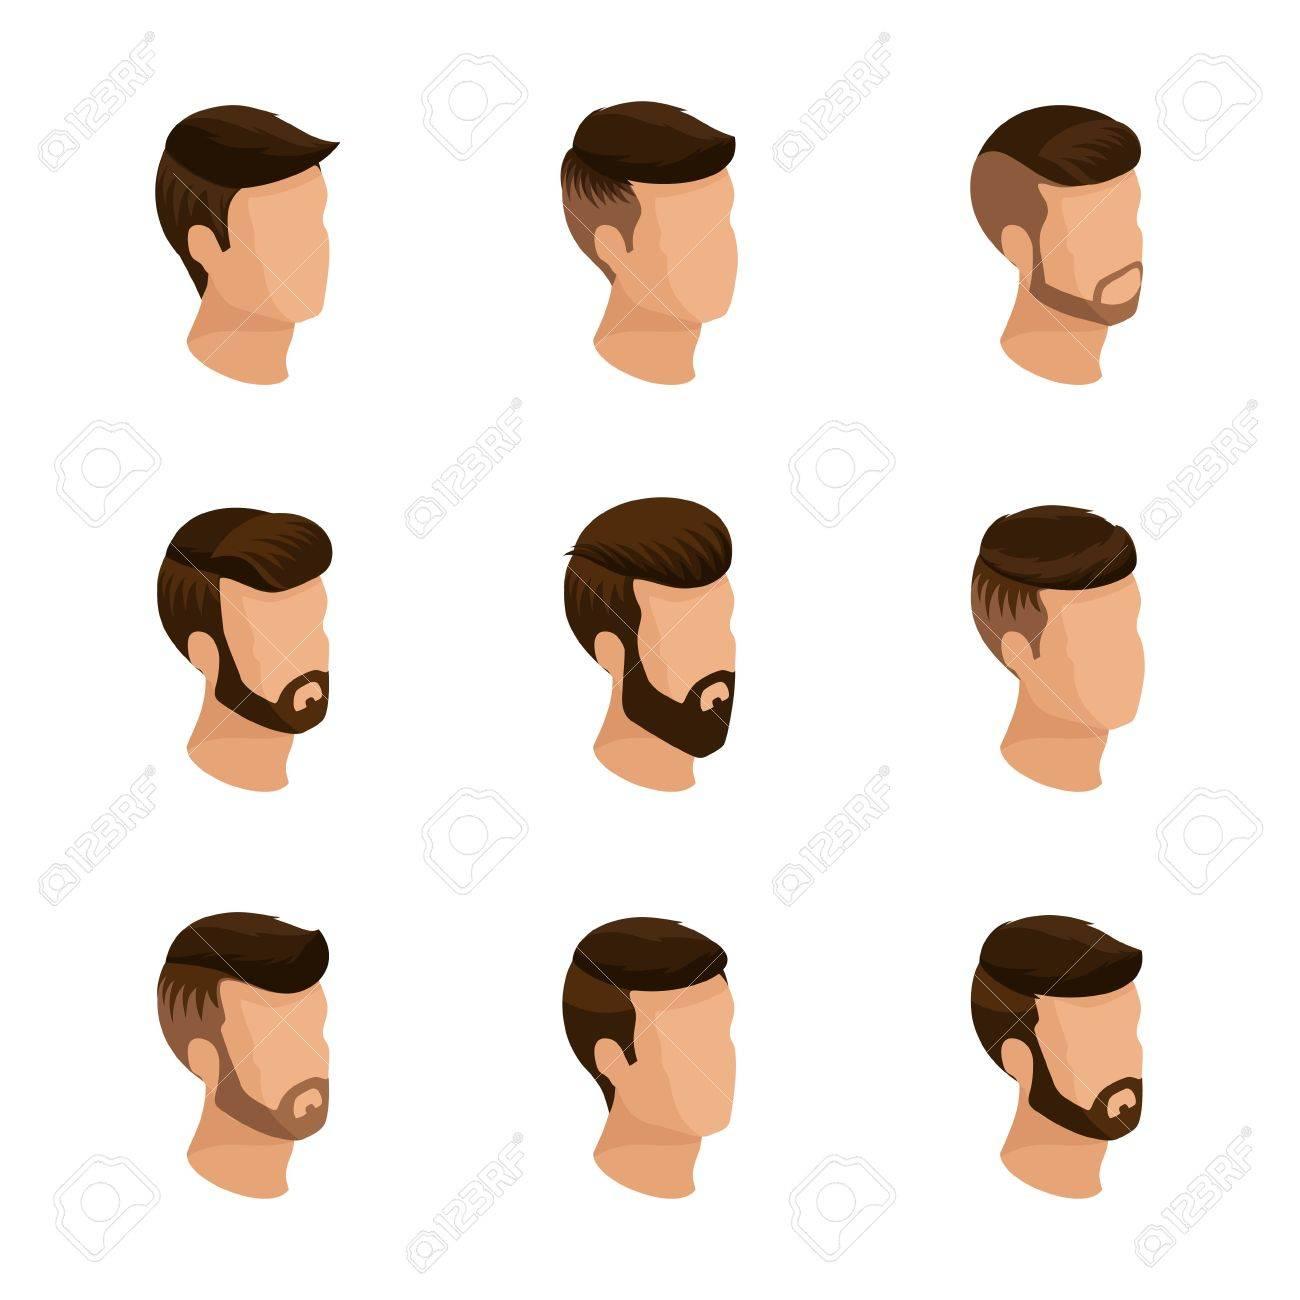 Isometricos Populares Los Peinados De Los Hombres Estilo